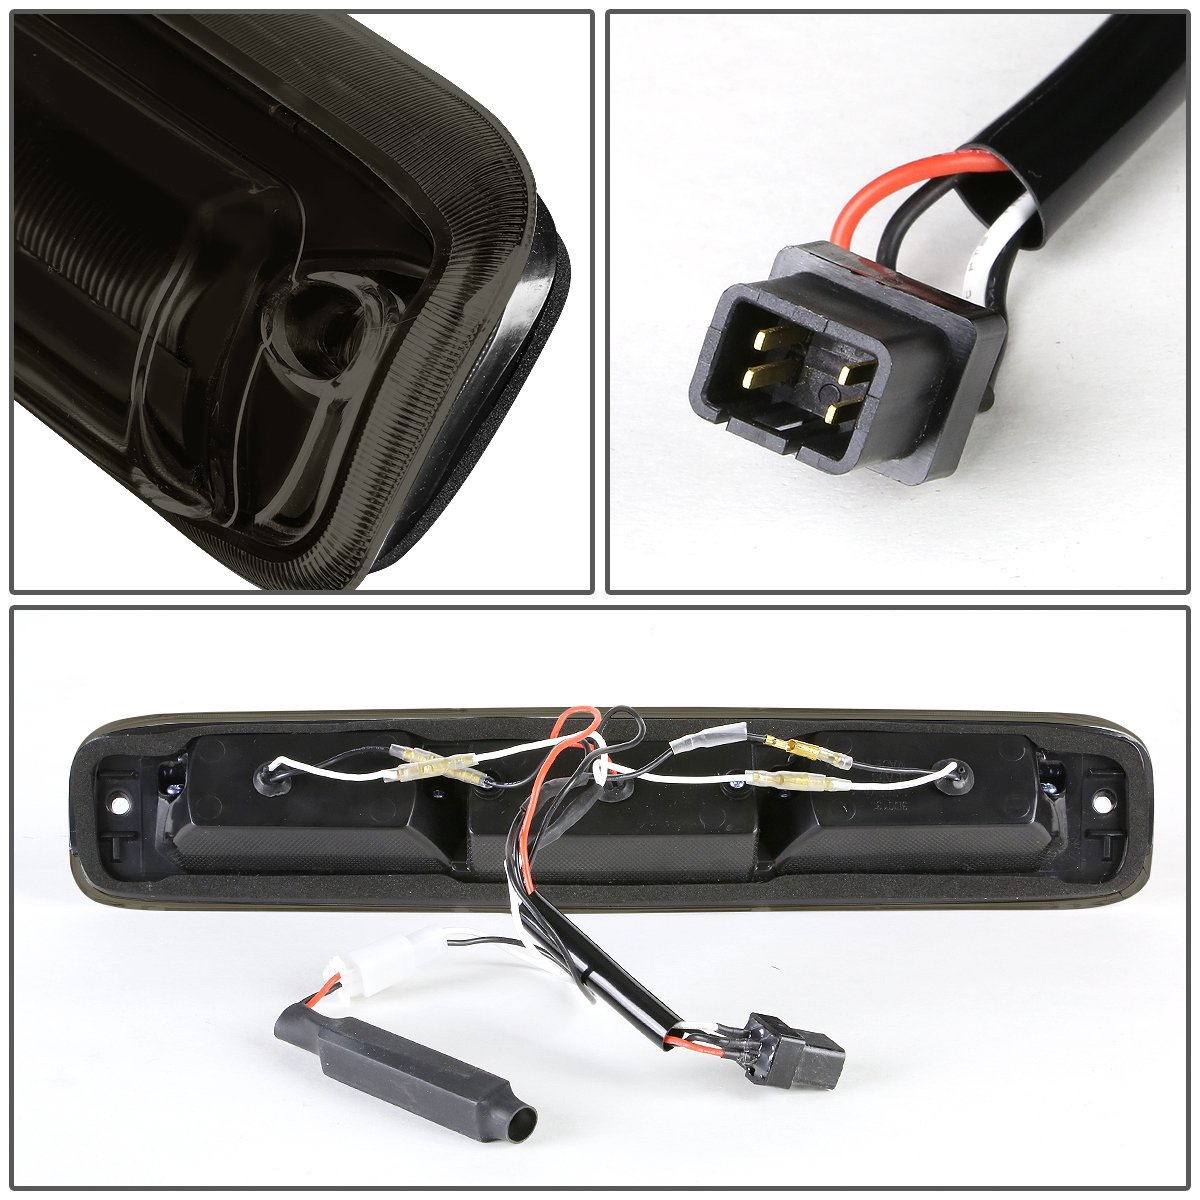 DNA motoring 3BL-GMC99-LED-BK-SM LED Third Brake Light